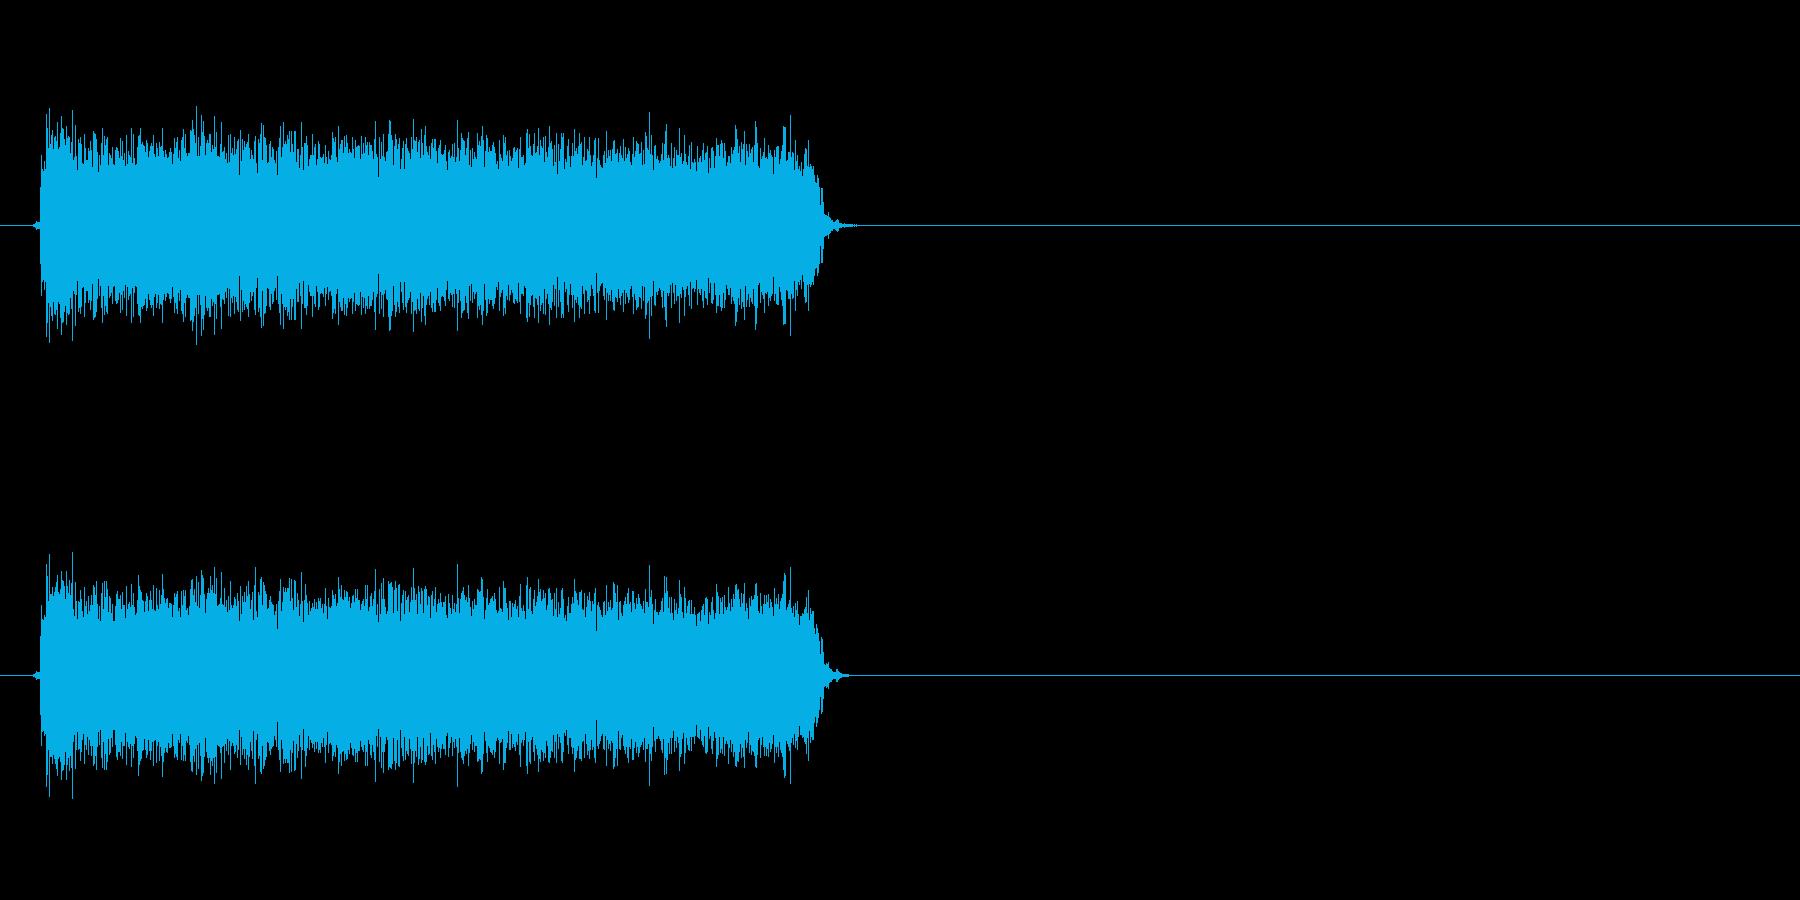 ロック曲等に使えるエレキギター効果音4の再生済みの波形